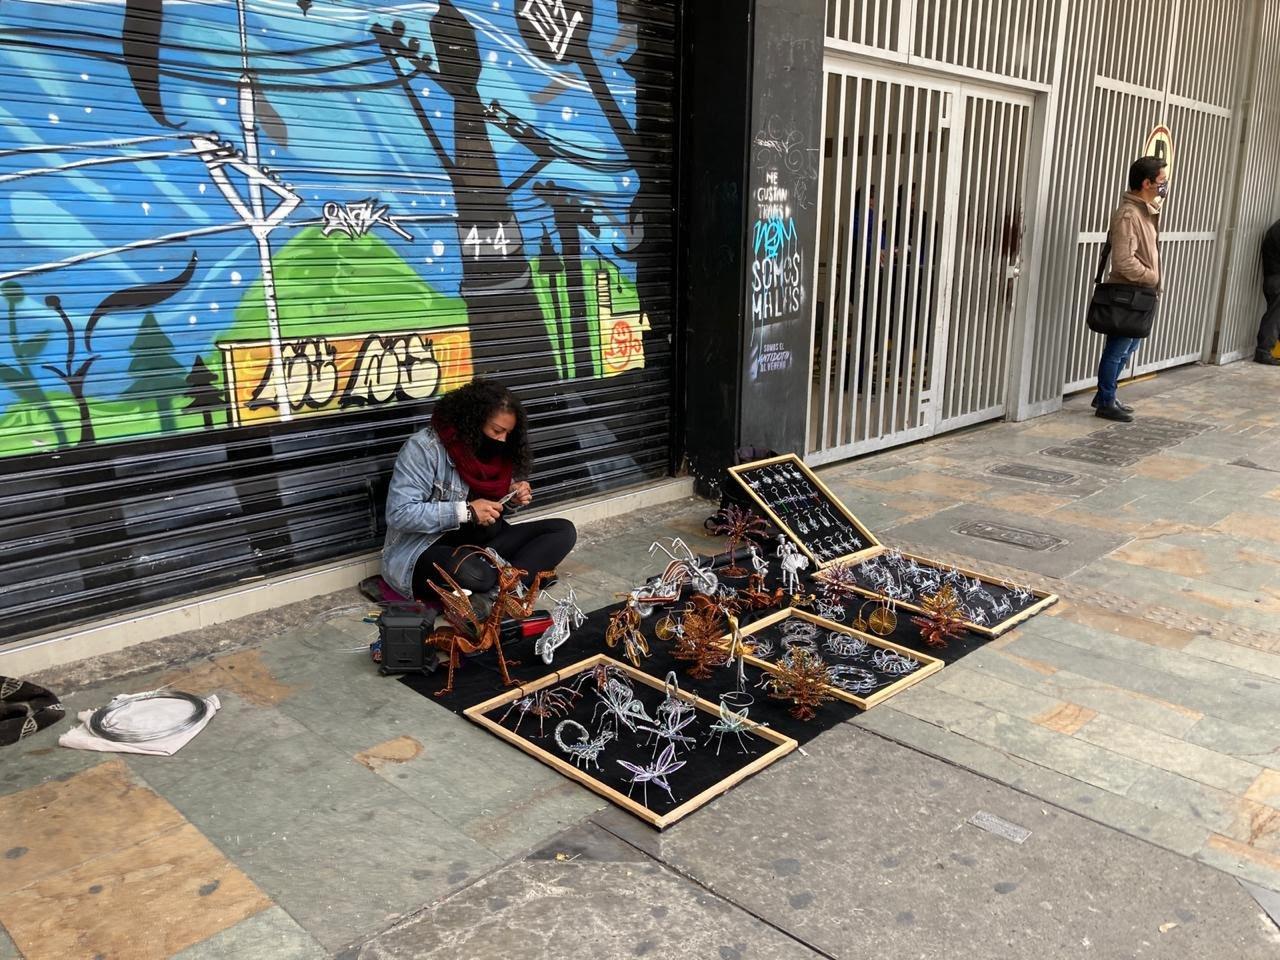 Idartes lanza invitación para artistas en el espacio público - unnamed-11